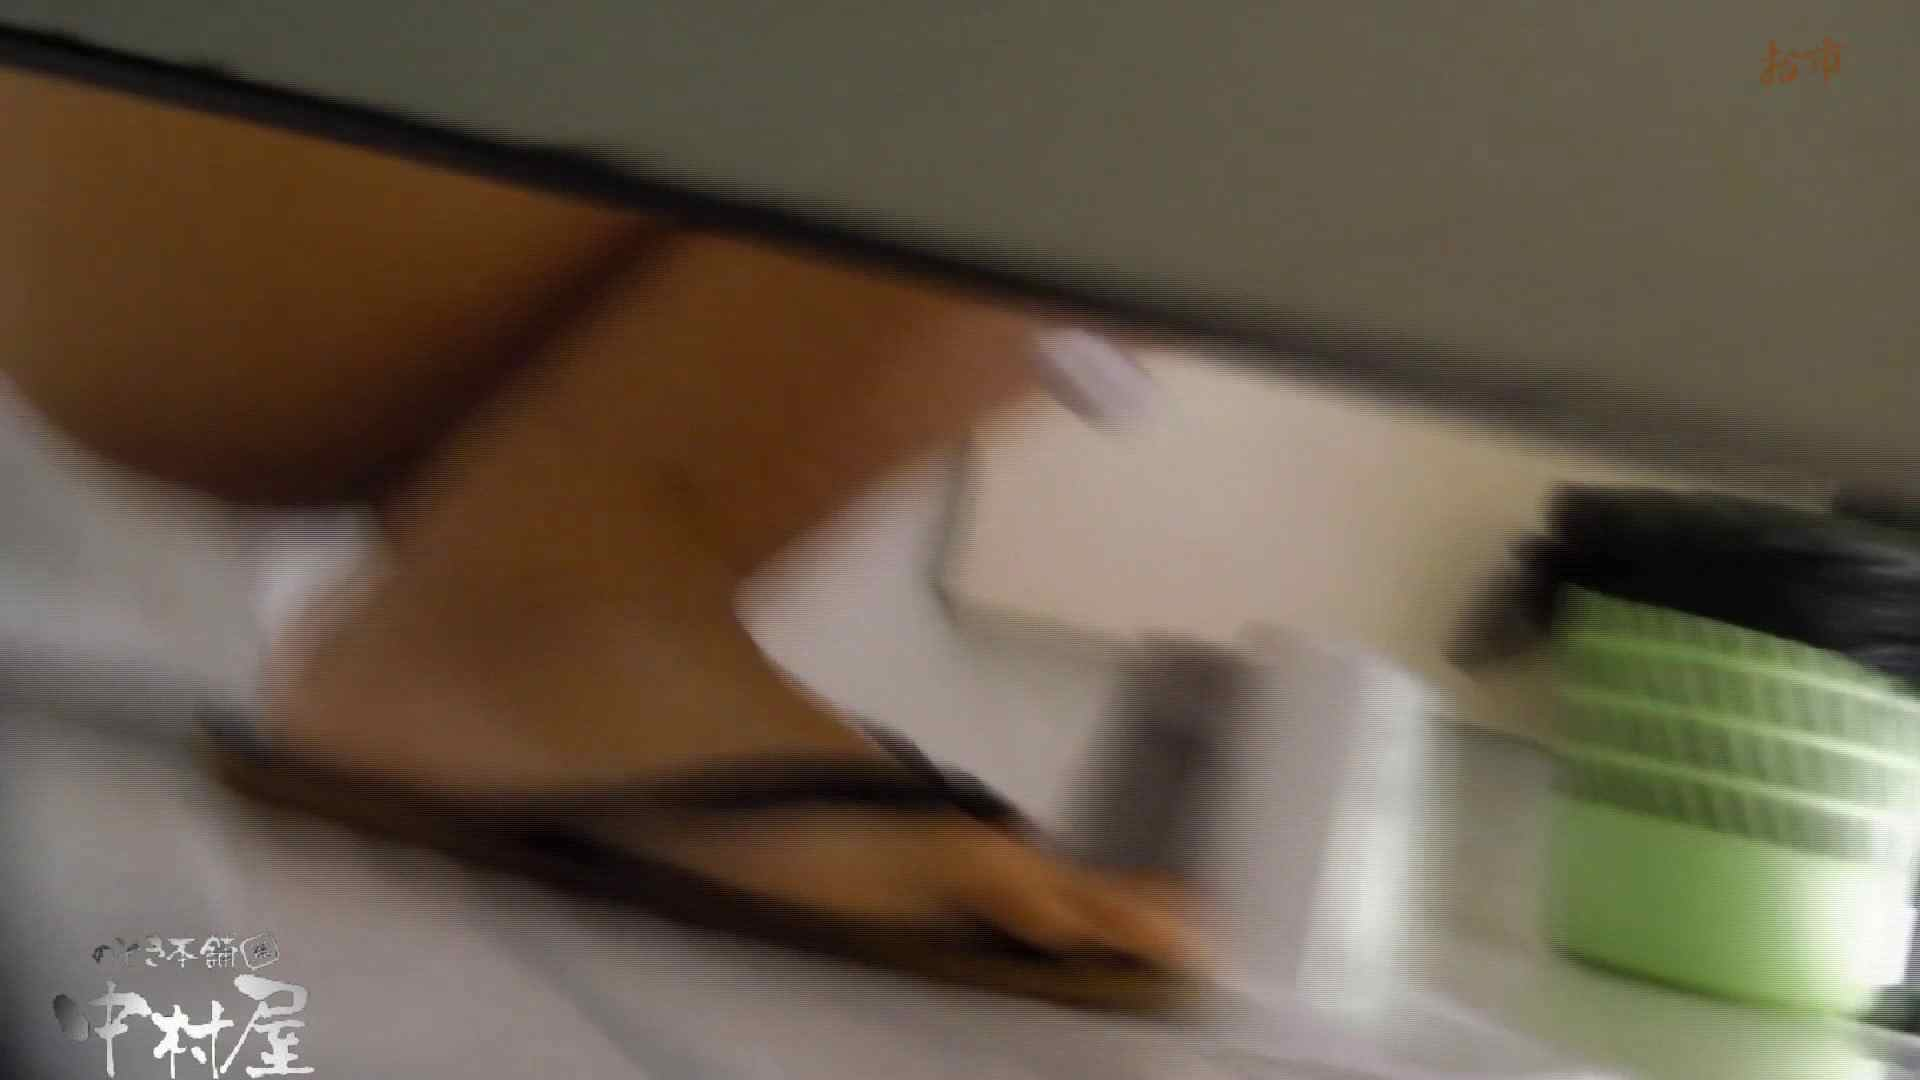 お市さんの「お尻丸出しジャンボリー」No.18 おまんこ見放題 | 盗撮シリーズ  99PIX 61